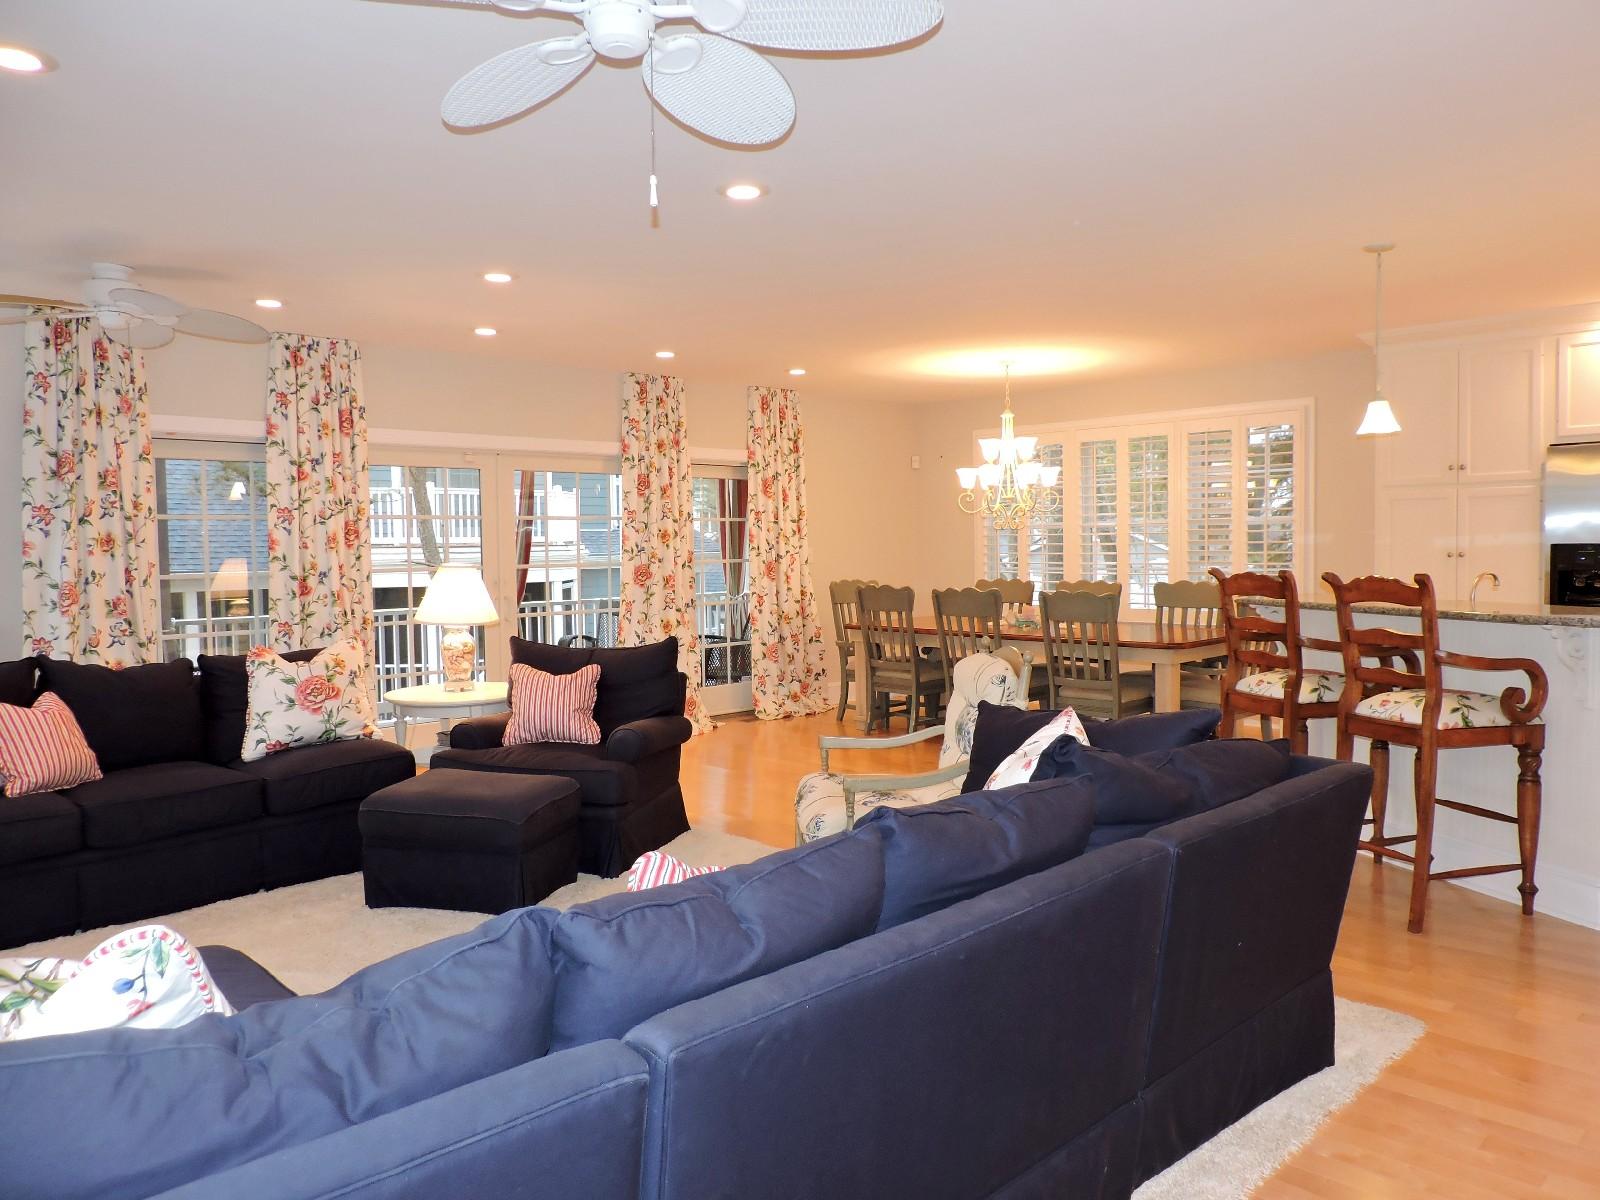 Частный односемейный дом для того Продажа на 673 Evans Avenue , Bethany Beach, DE 19930 673 Evans Avenue Bethany Beach, Делавэр, 19930 Соединенные Штаты